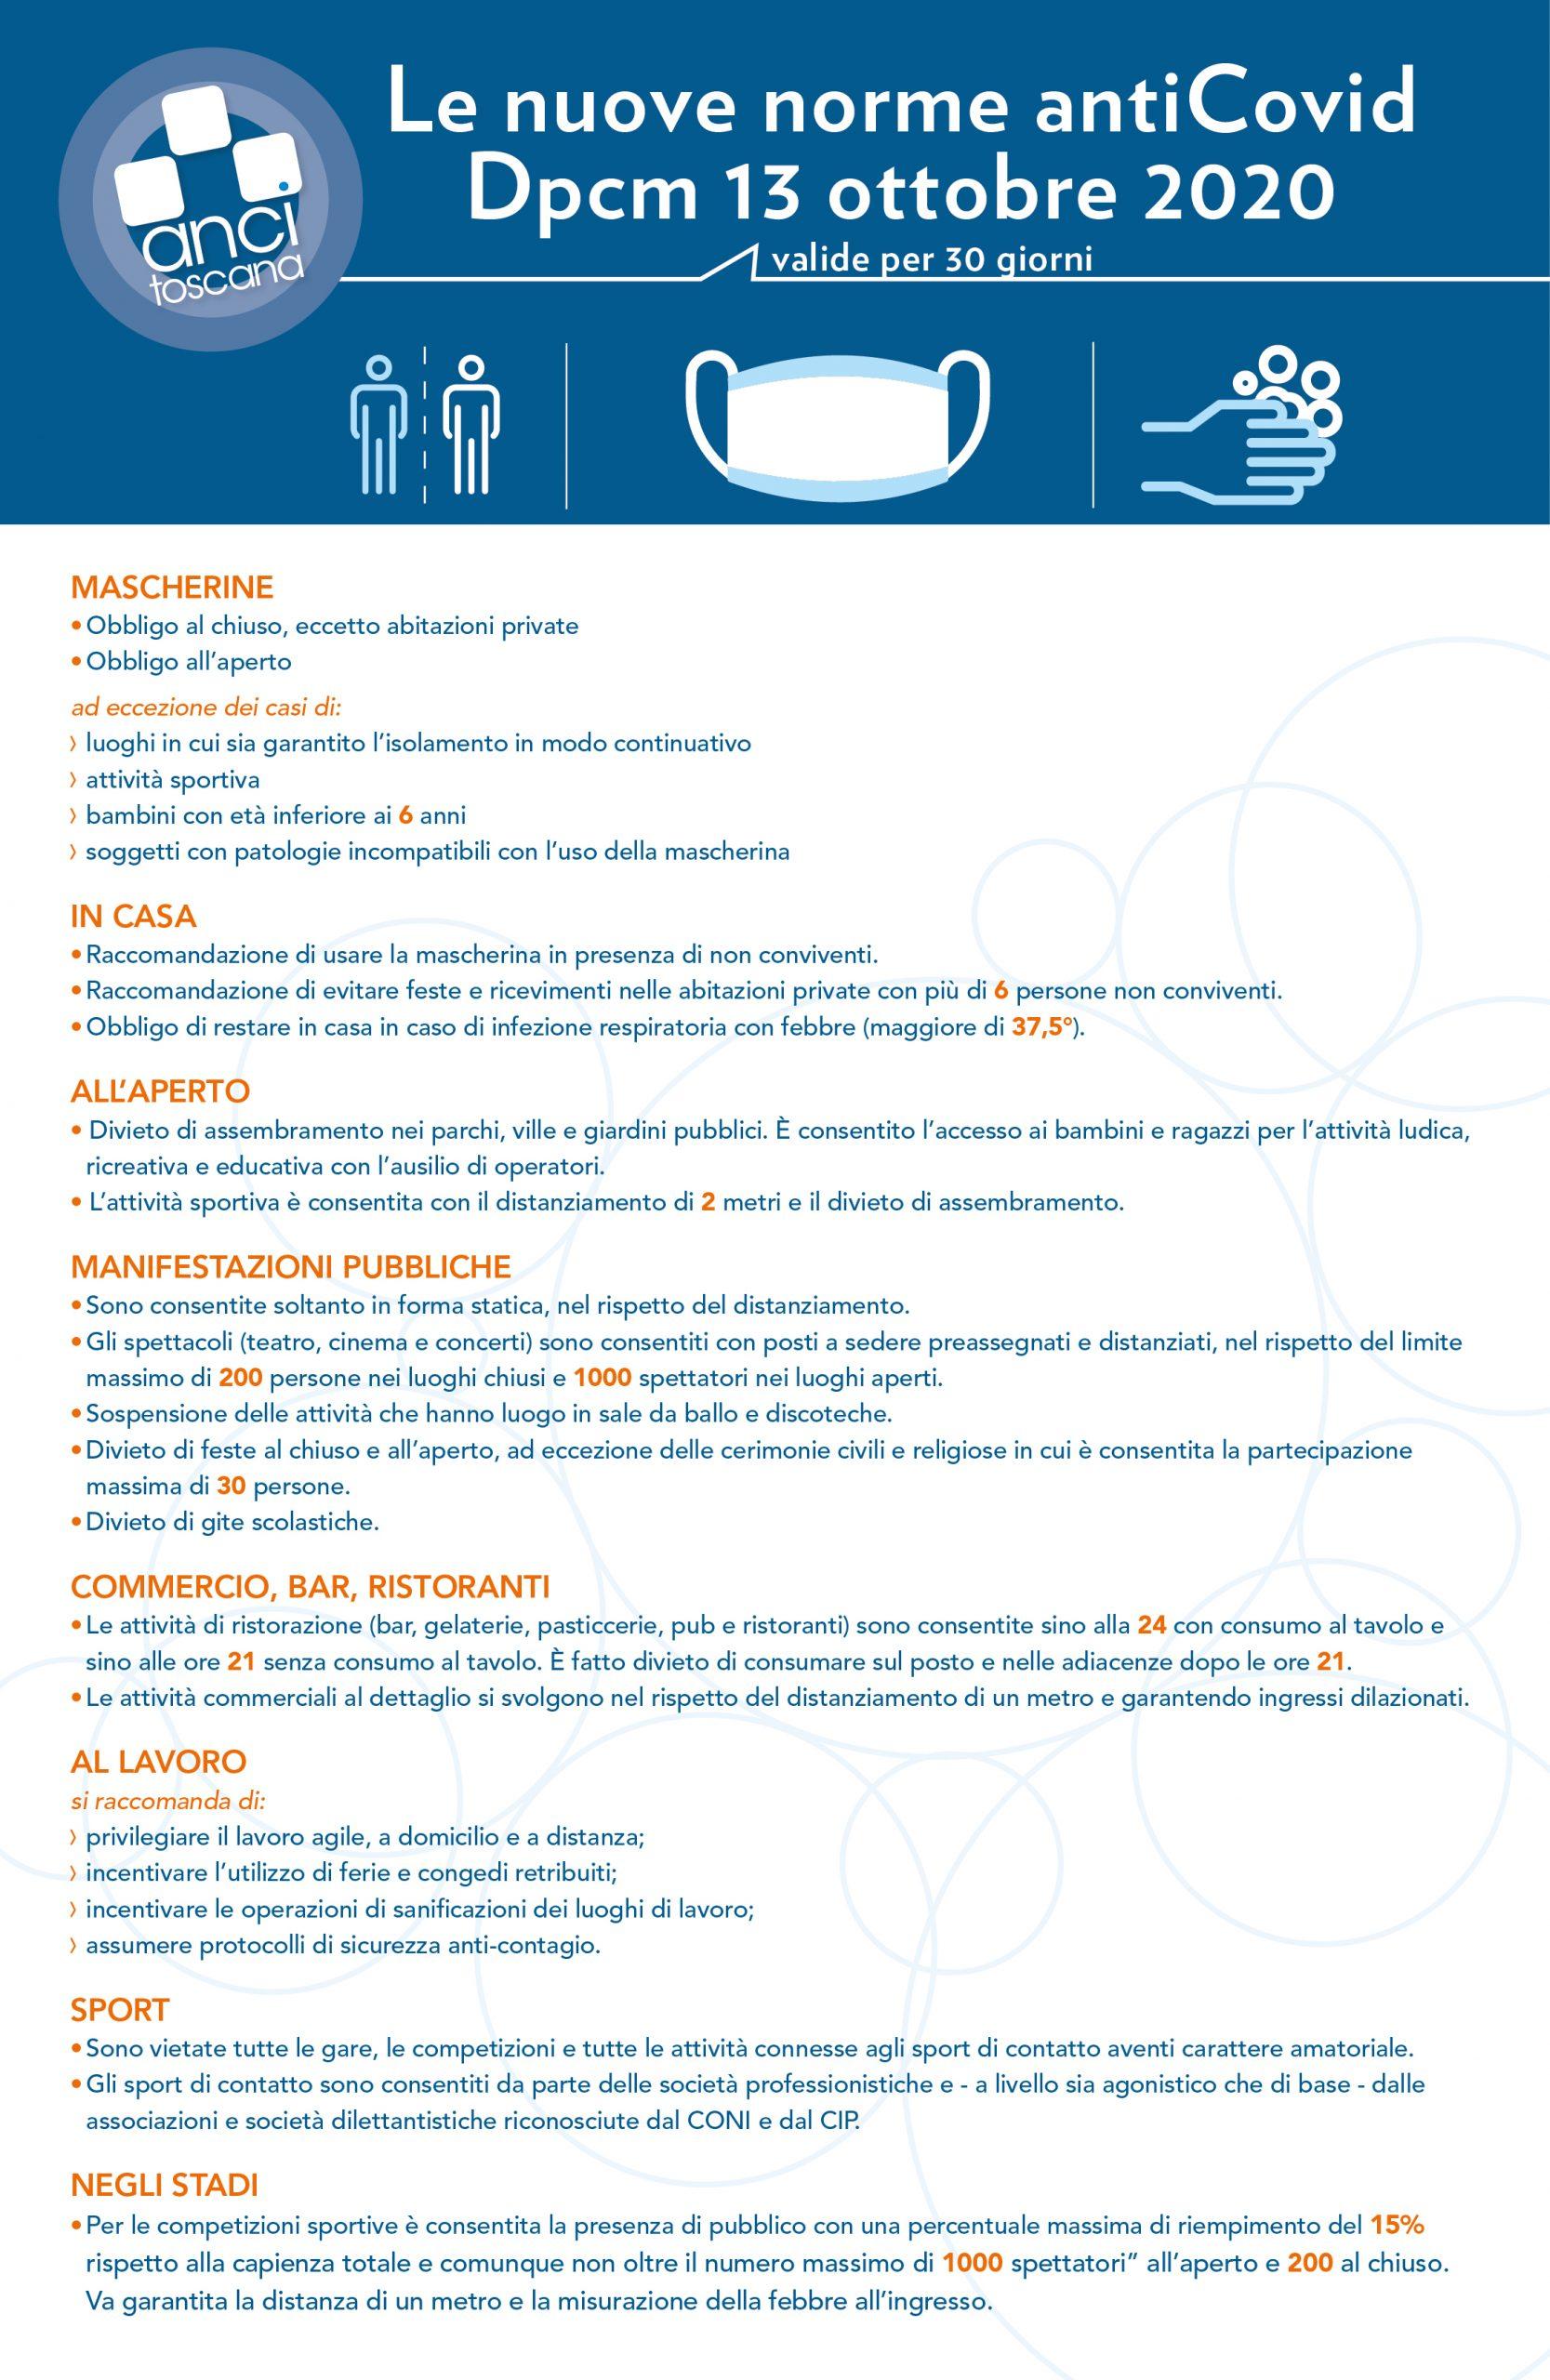 Principali disposizioni del DPCM 13 ottobre 2020